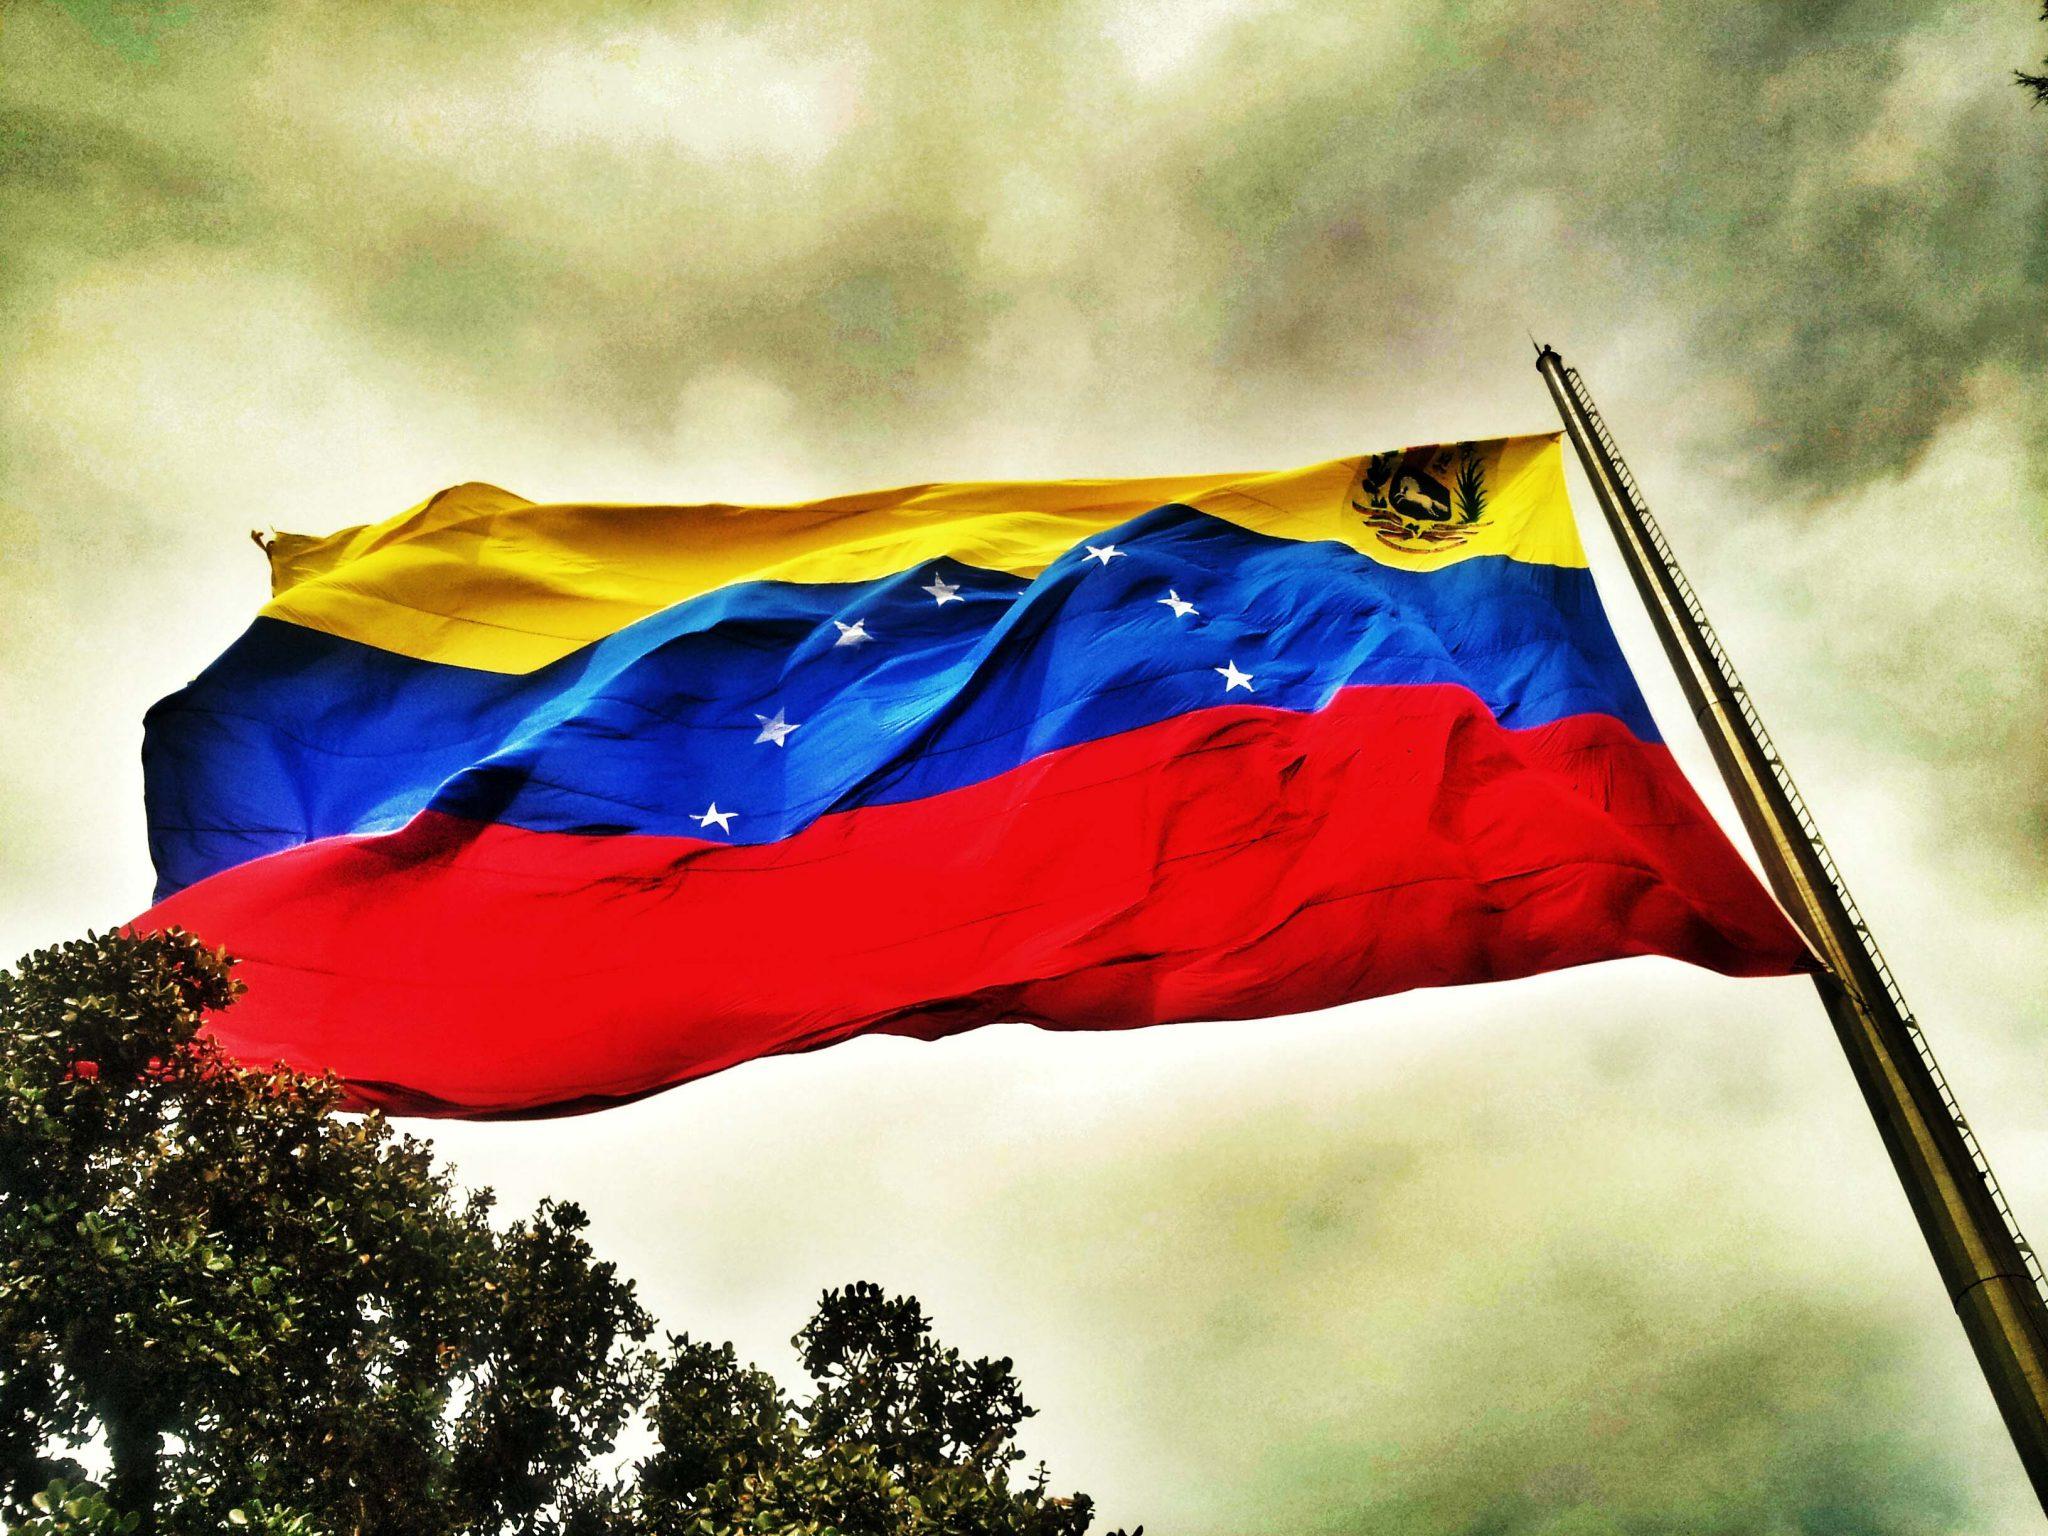 Declaración del Partido Colorado de Uruguay sobre la situación en Venezuela